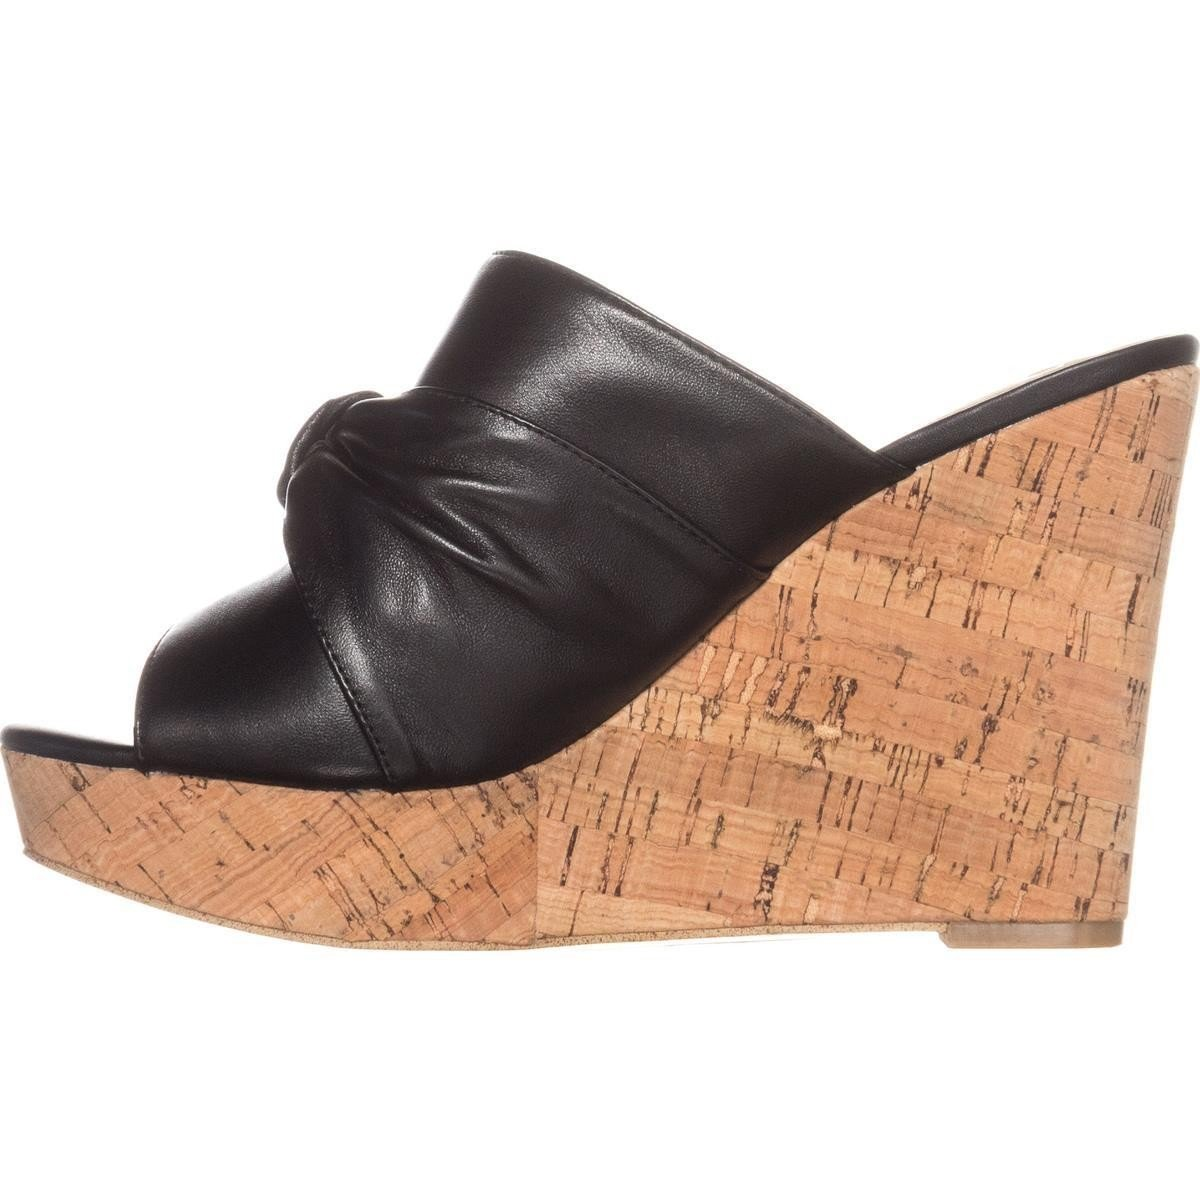 Guess Frauen HOTLOVE Offener Zeh Leger Leder Sandalen mit Keilabsatz schwarz Leder